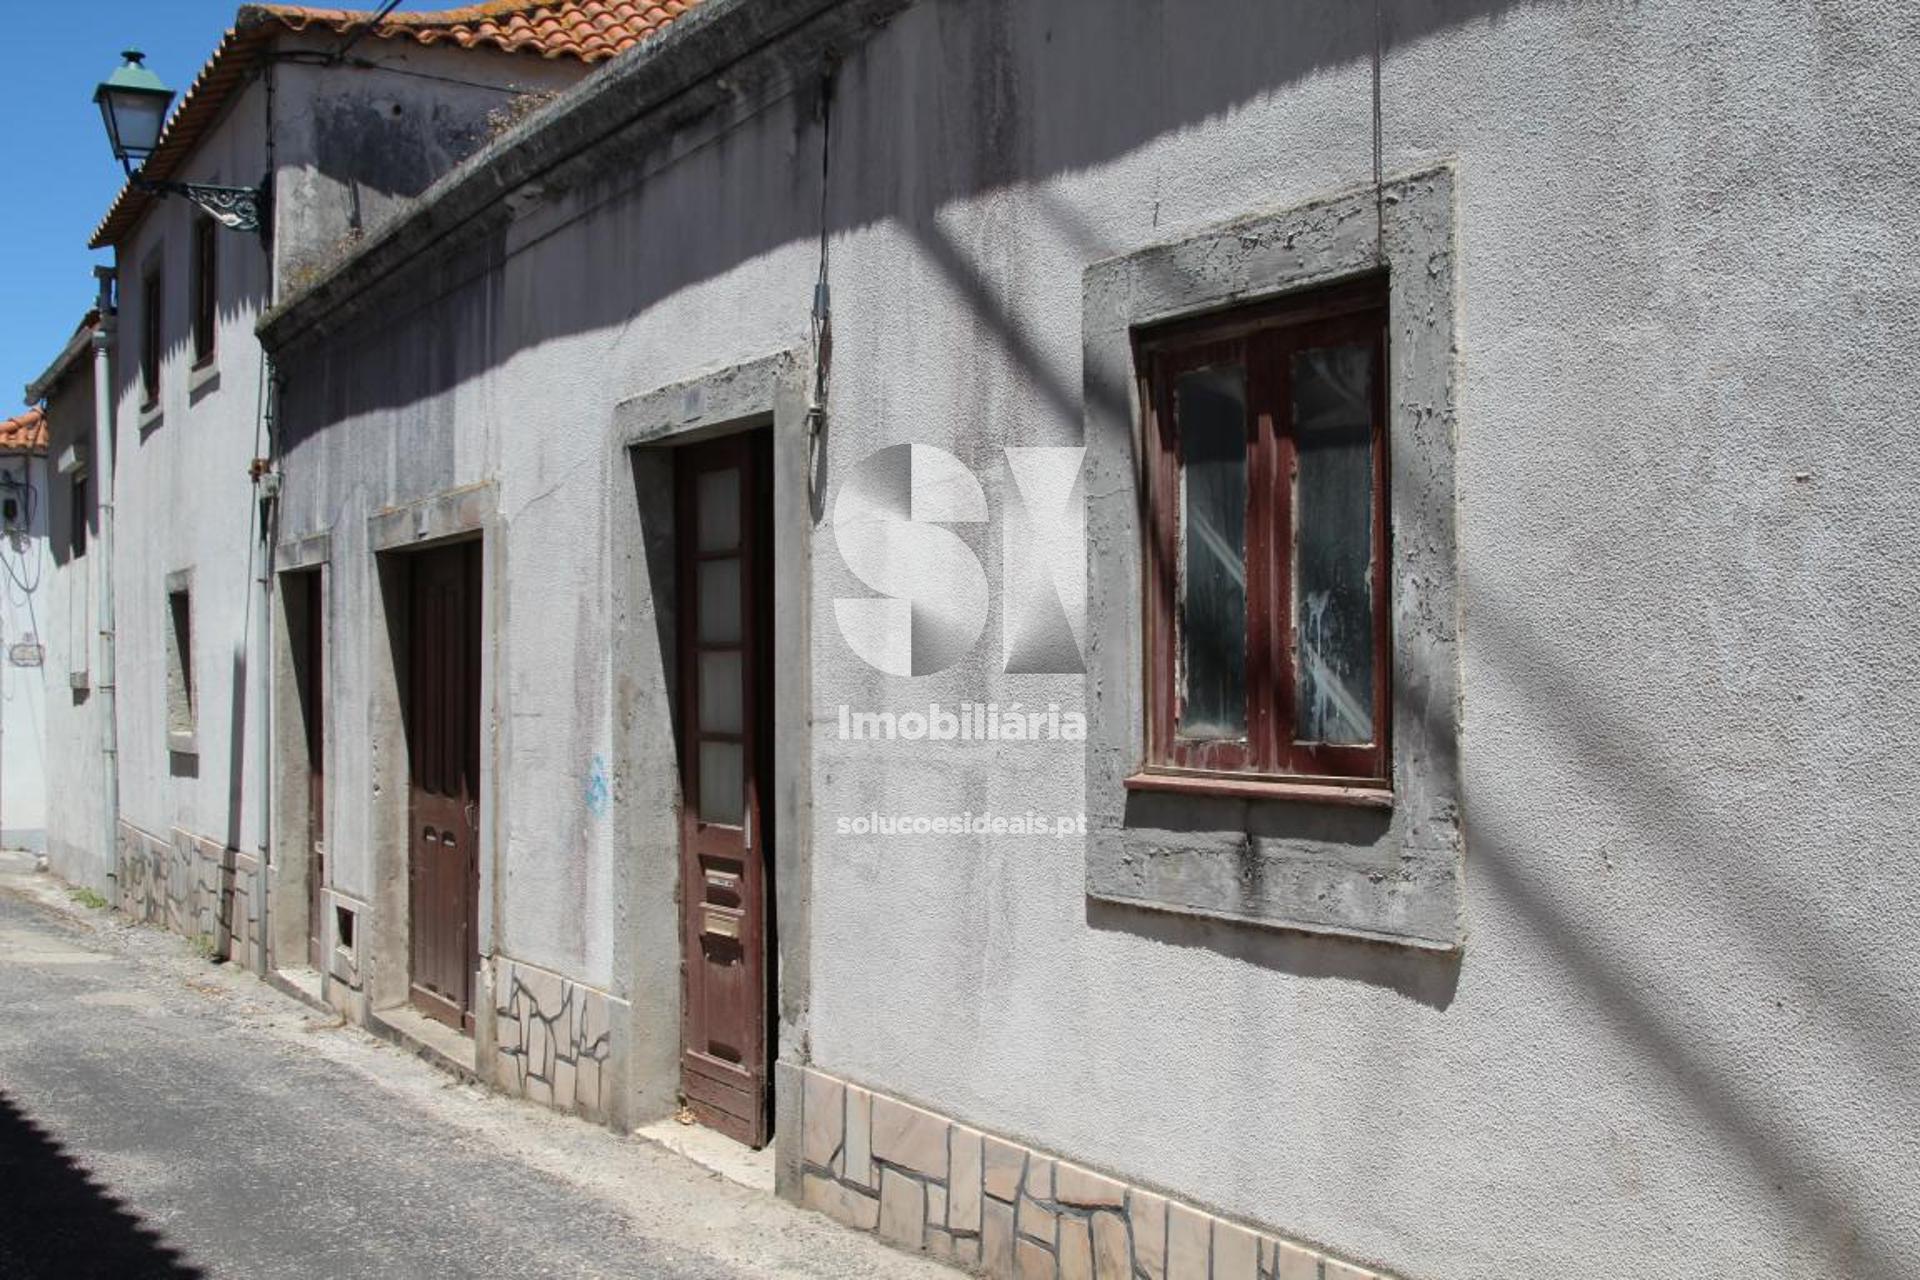 moradia para restaurar t5 para compra em lourinha uniao das freguesias de lourinha e atalaia LFCPM701